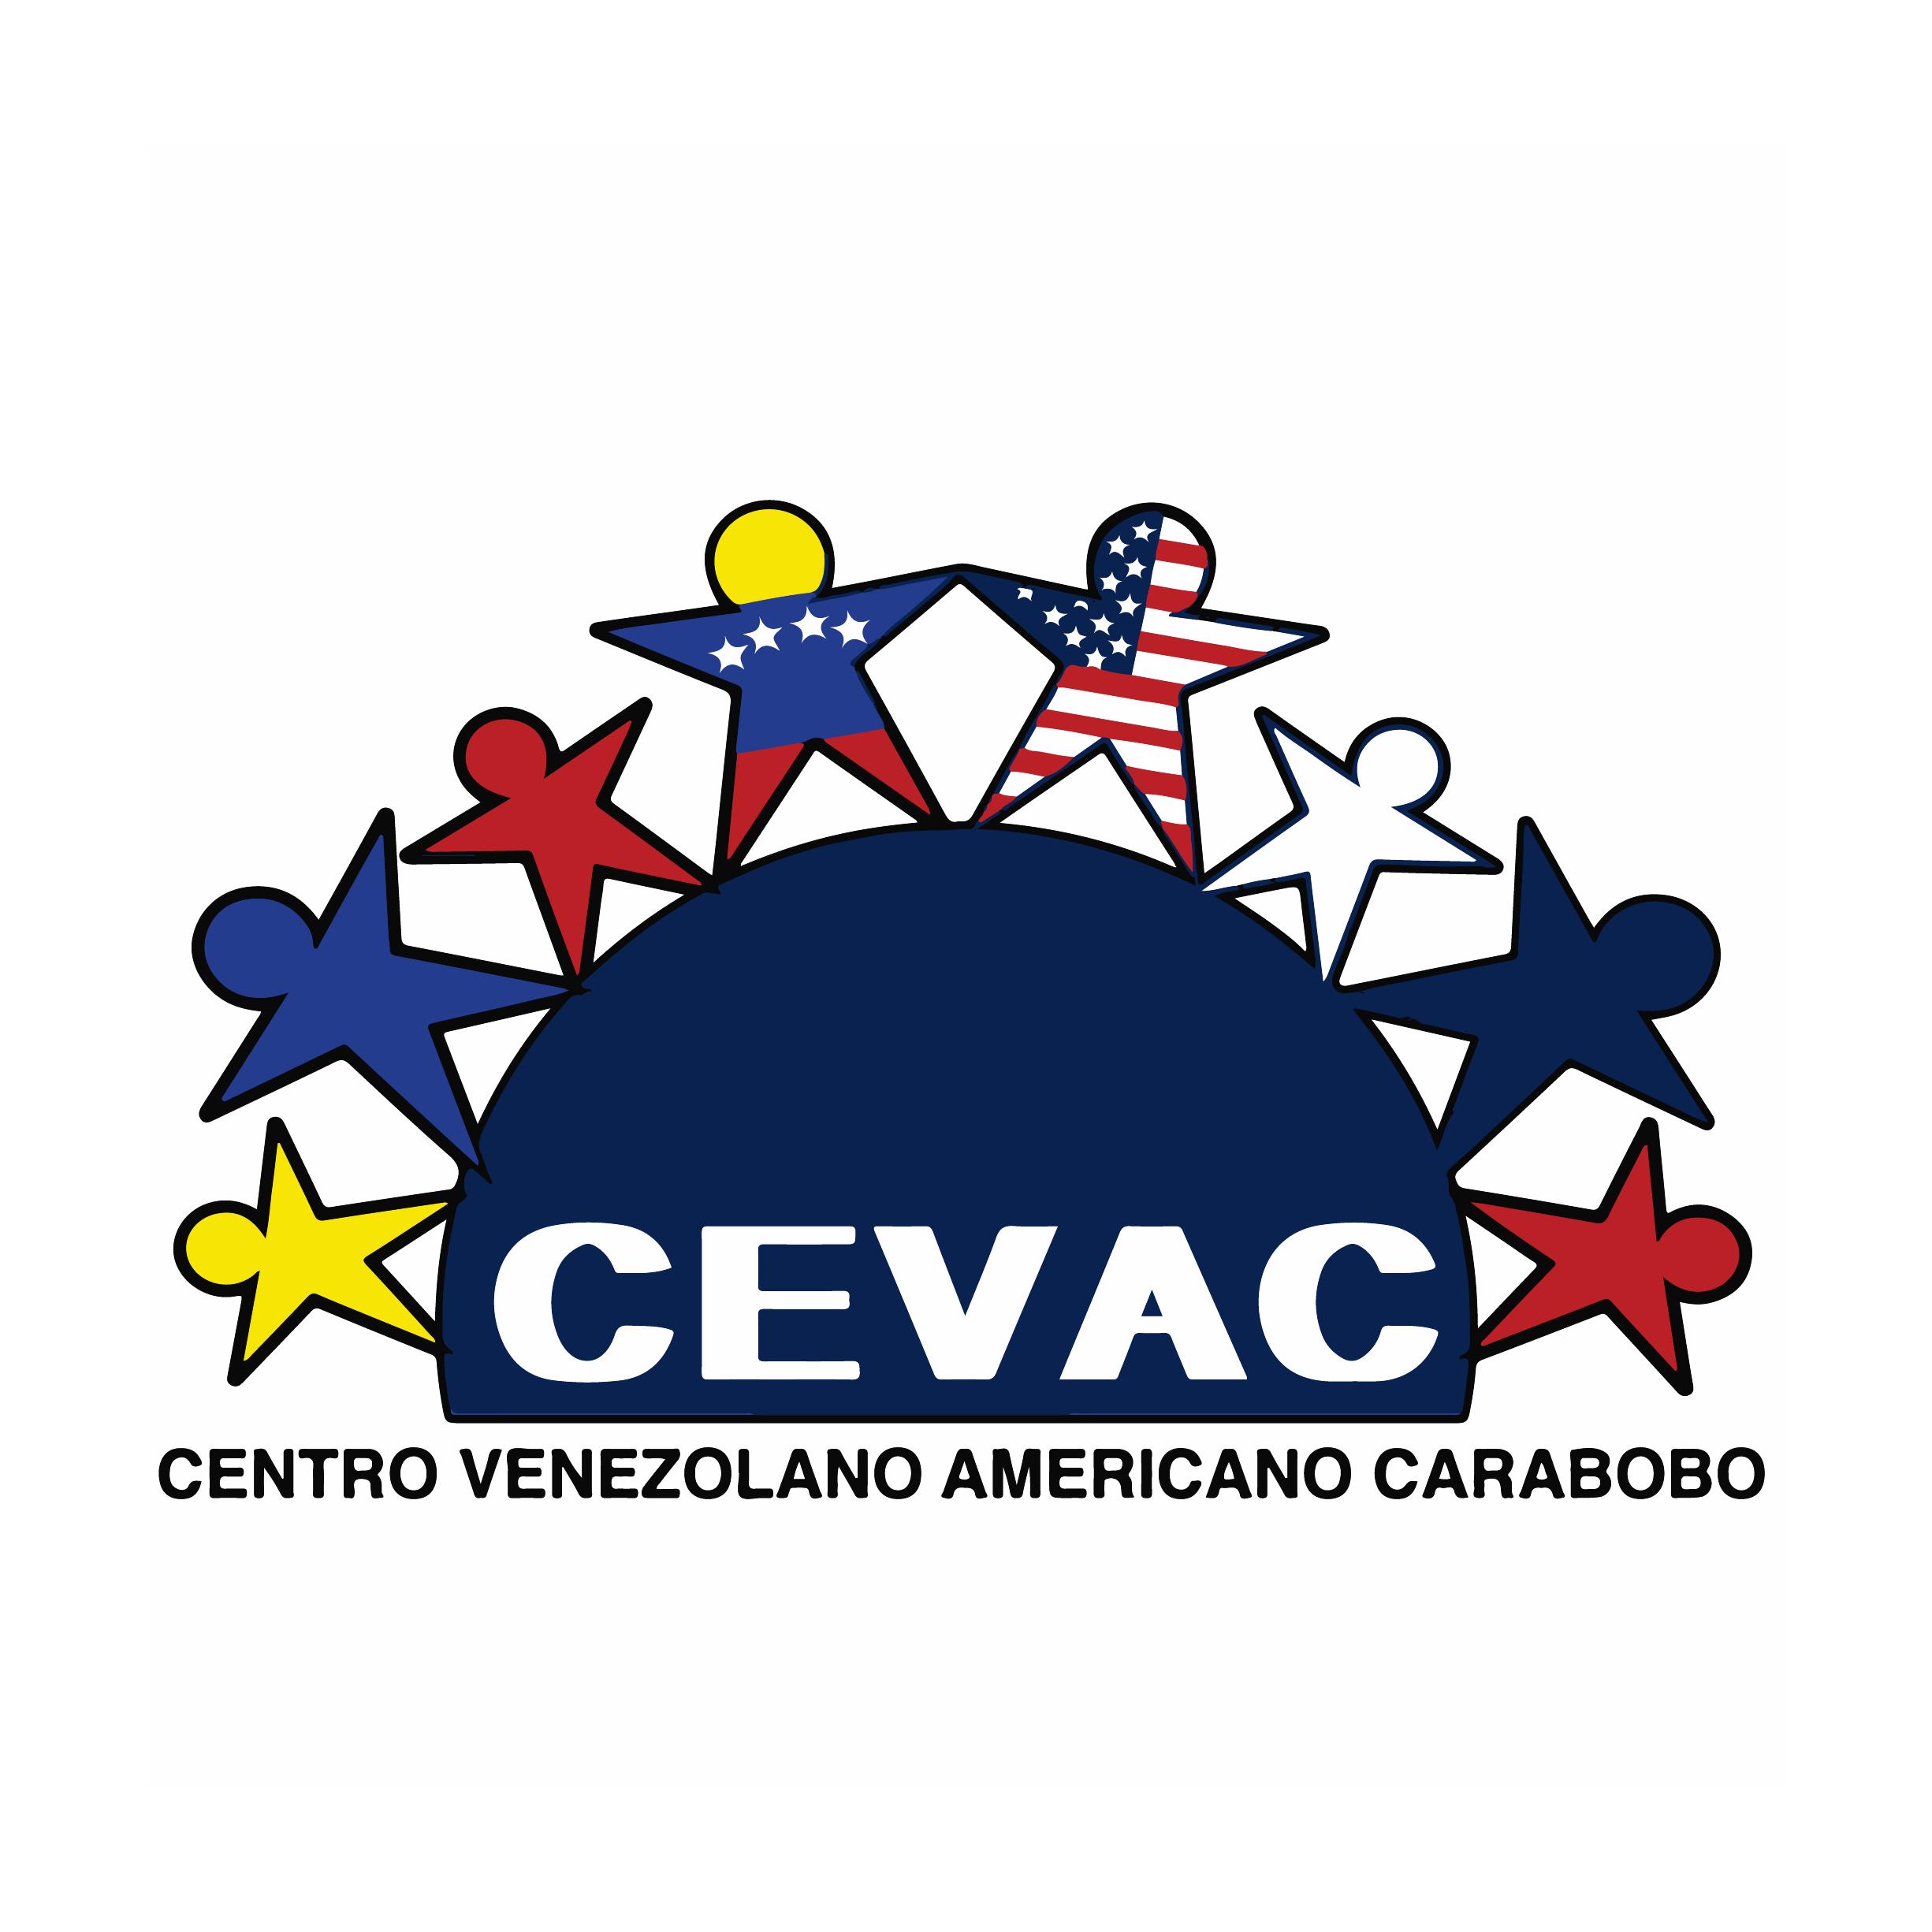 Cevac Carabobo